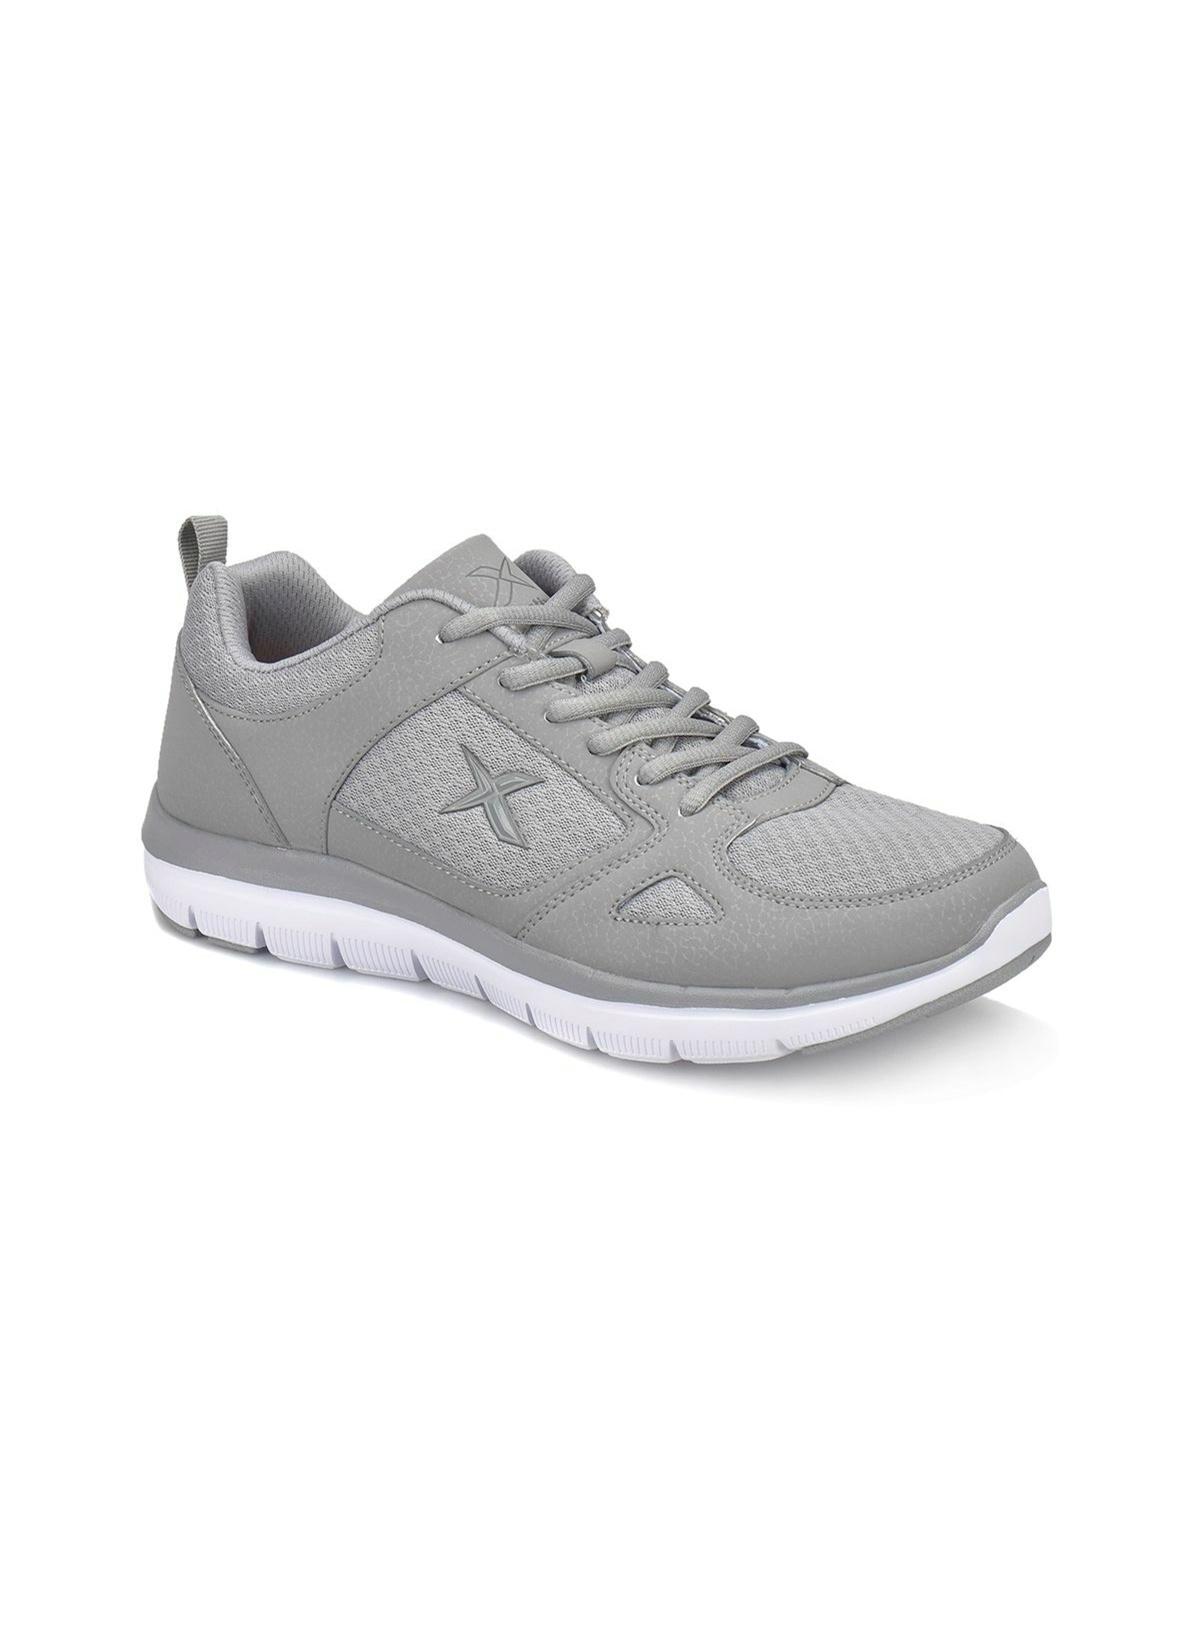 Kinetix Sneakers 000000100300323005 Comfort Ayakkabı – 101.49 TL